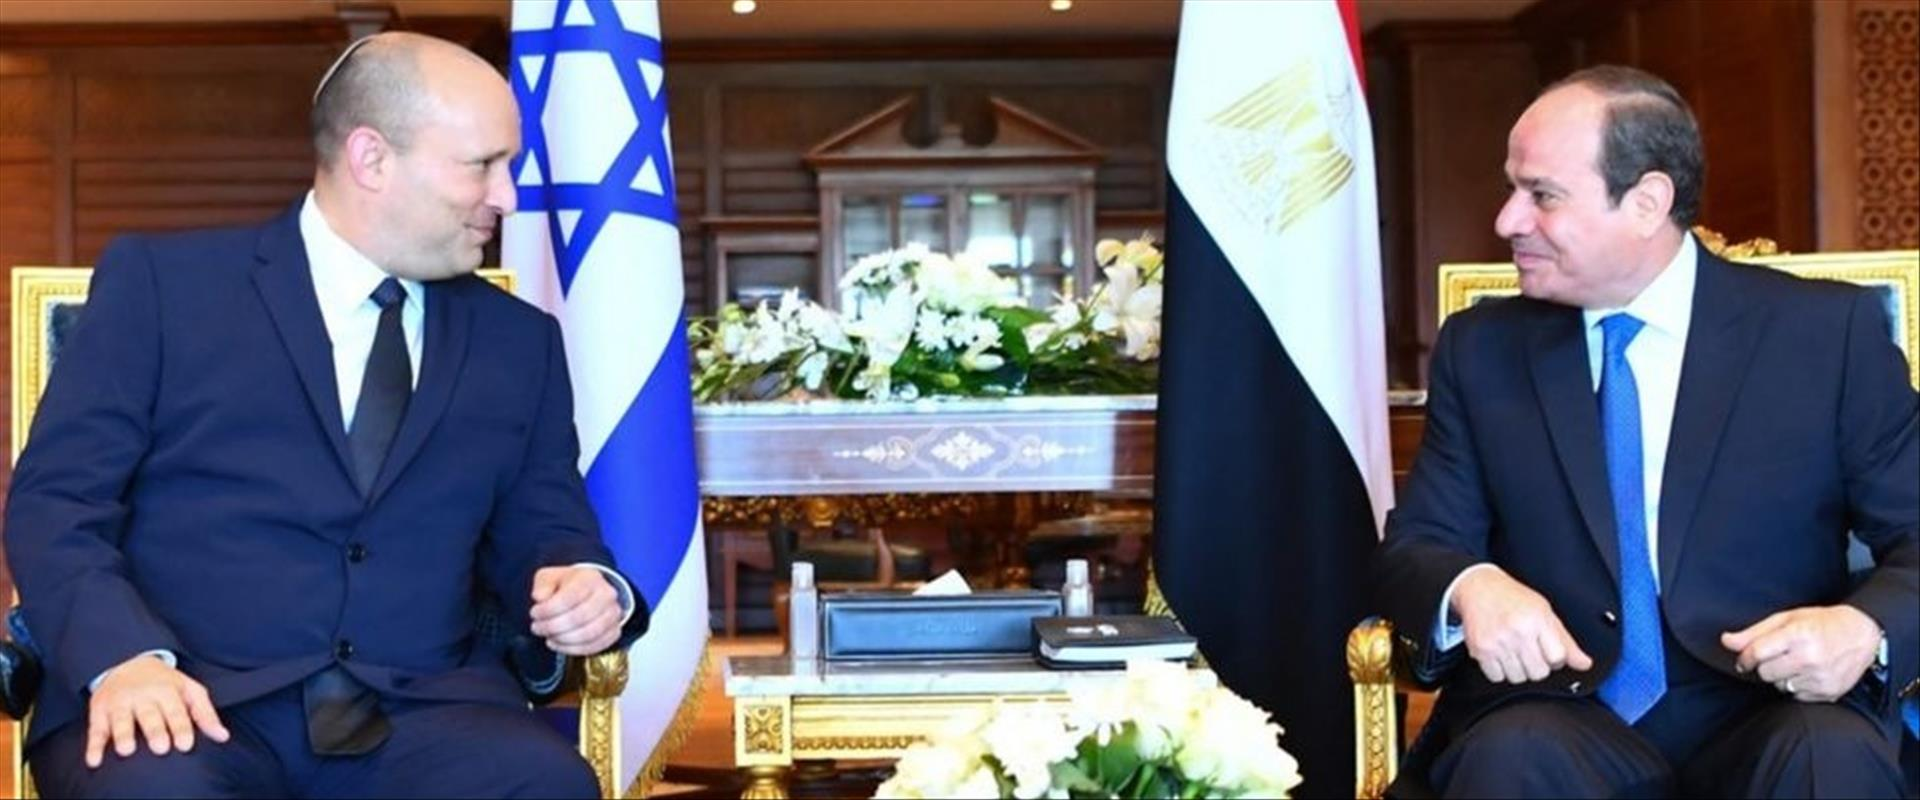 رئيس الوزراء بينيت والرئيس المصري السيسي